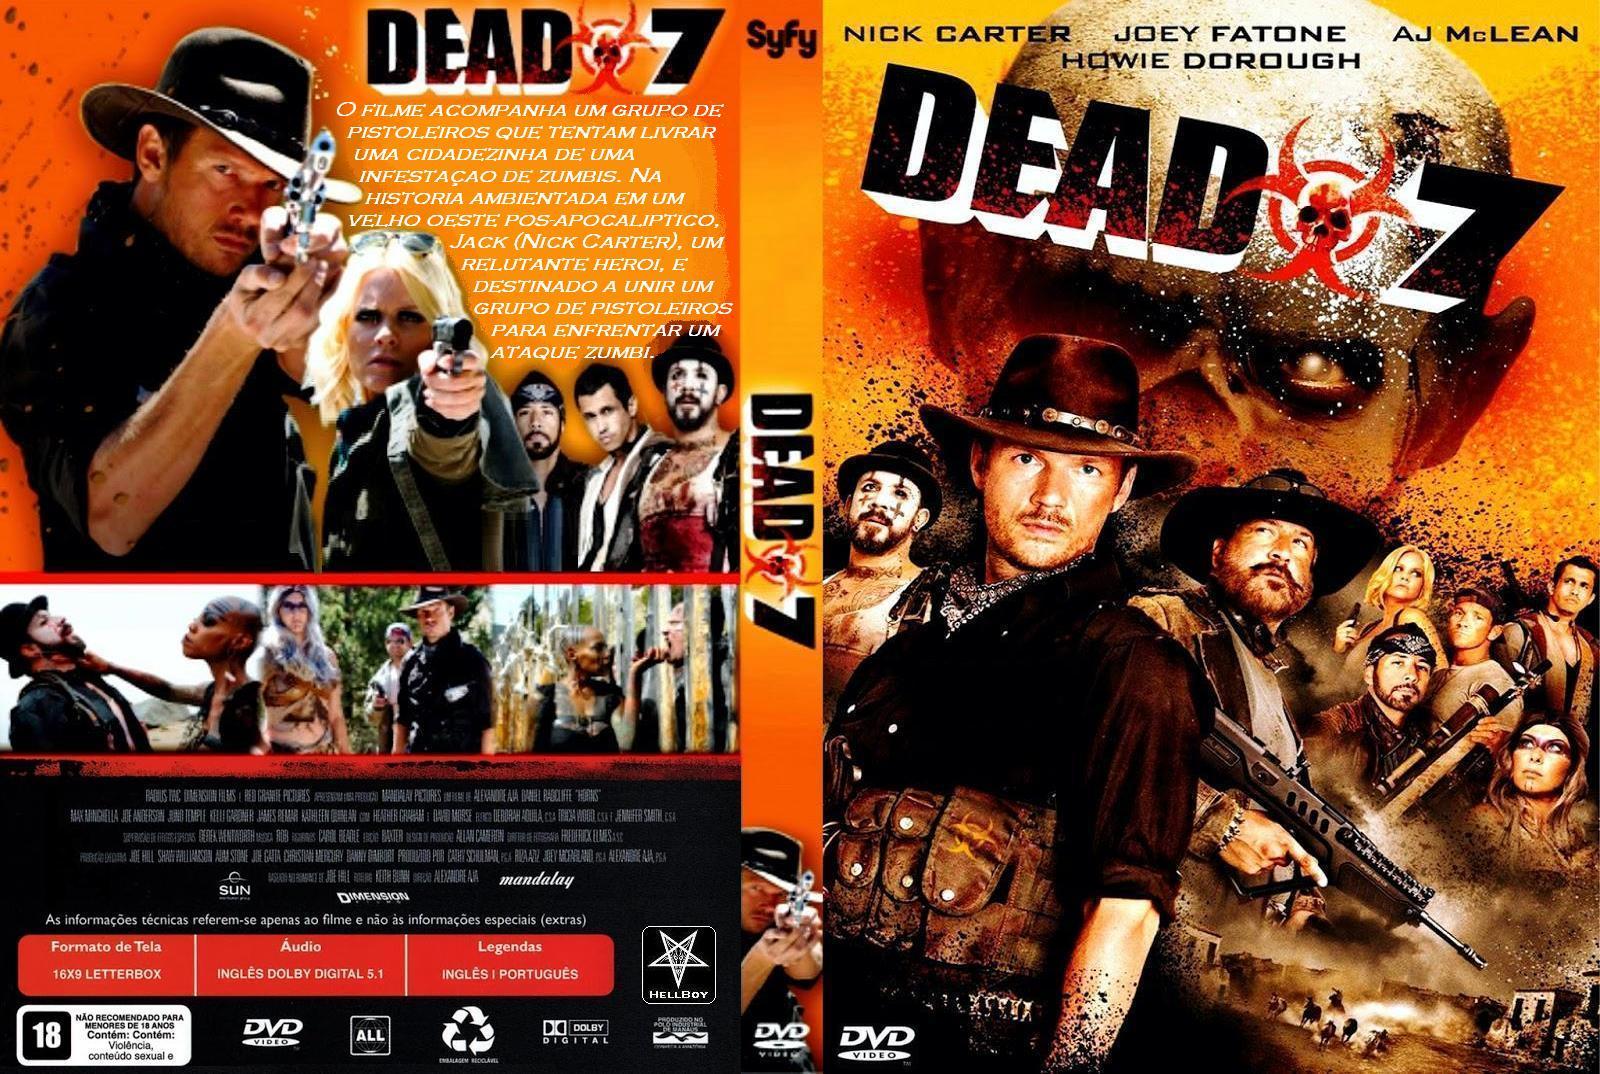 Download Dead 7 BDRip Dual Áudio Download Dead 7 BDRip Dual Áudio Dead 2B7 2B  2BXANDAODOWNLOAD